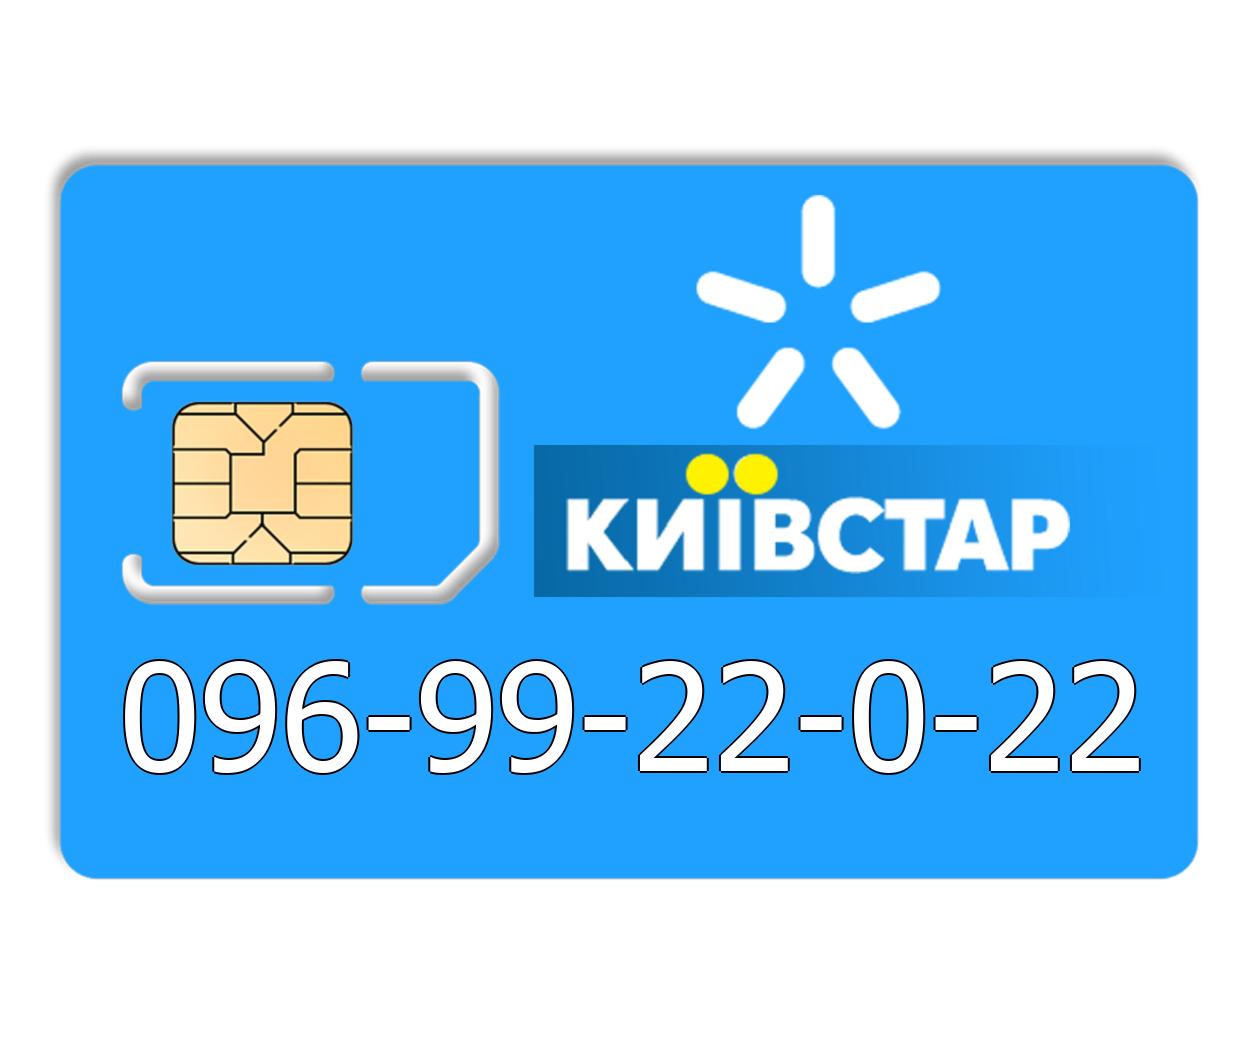 Красивый номер Киевстар 096-99-22-0-22